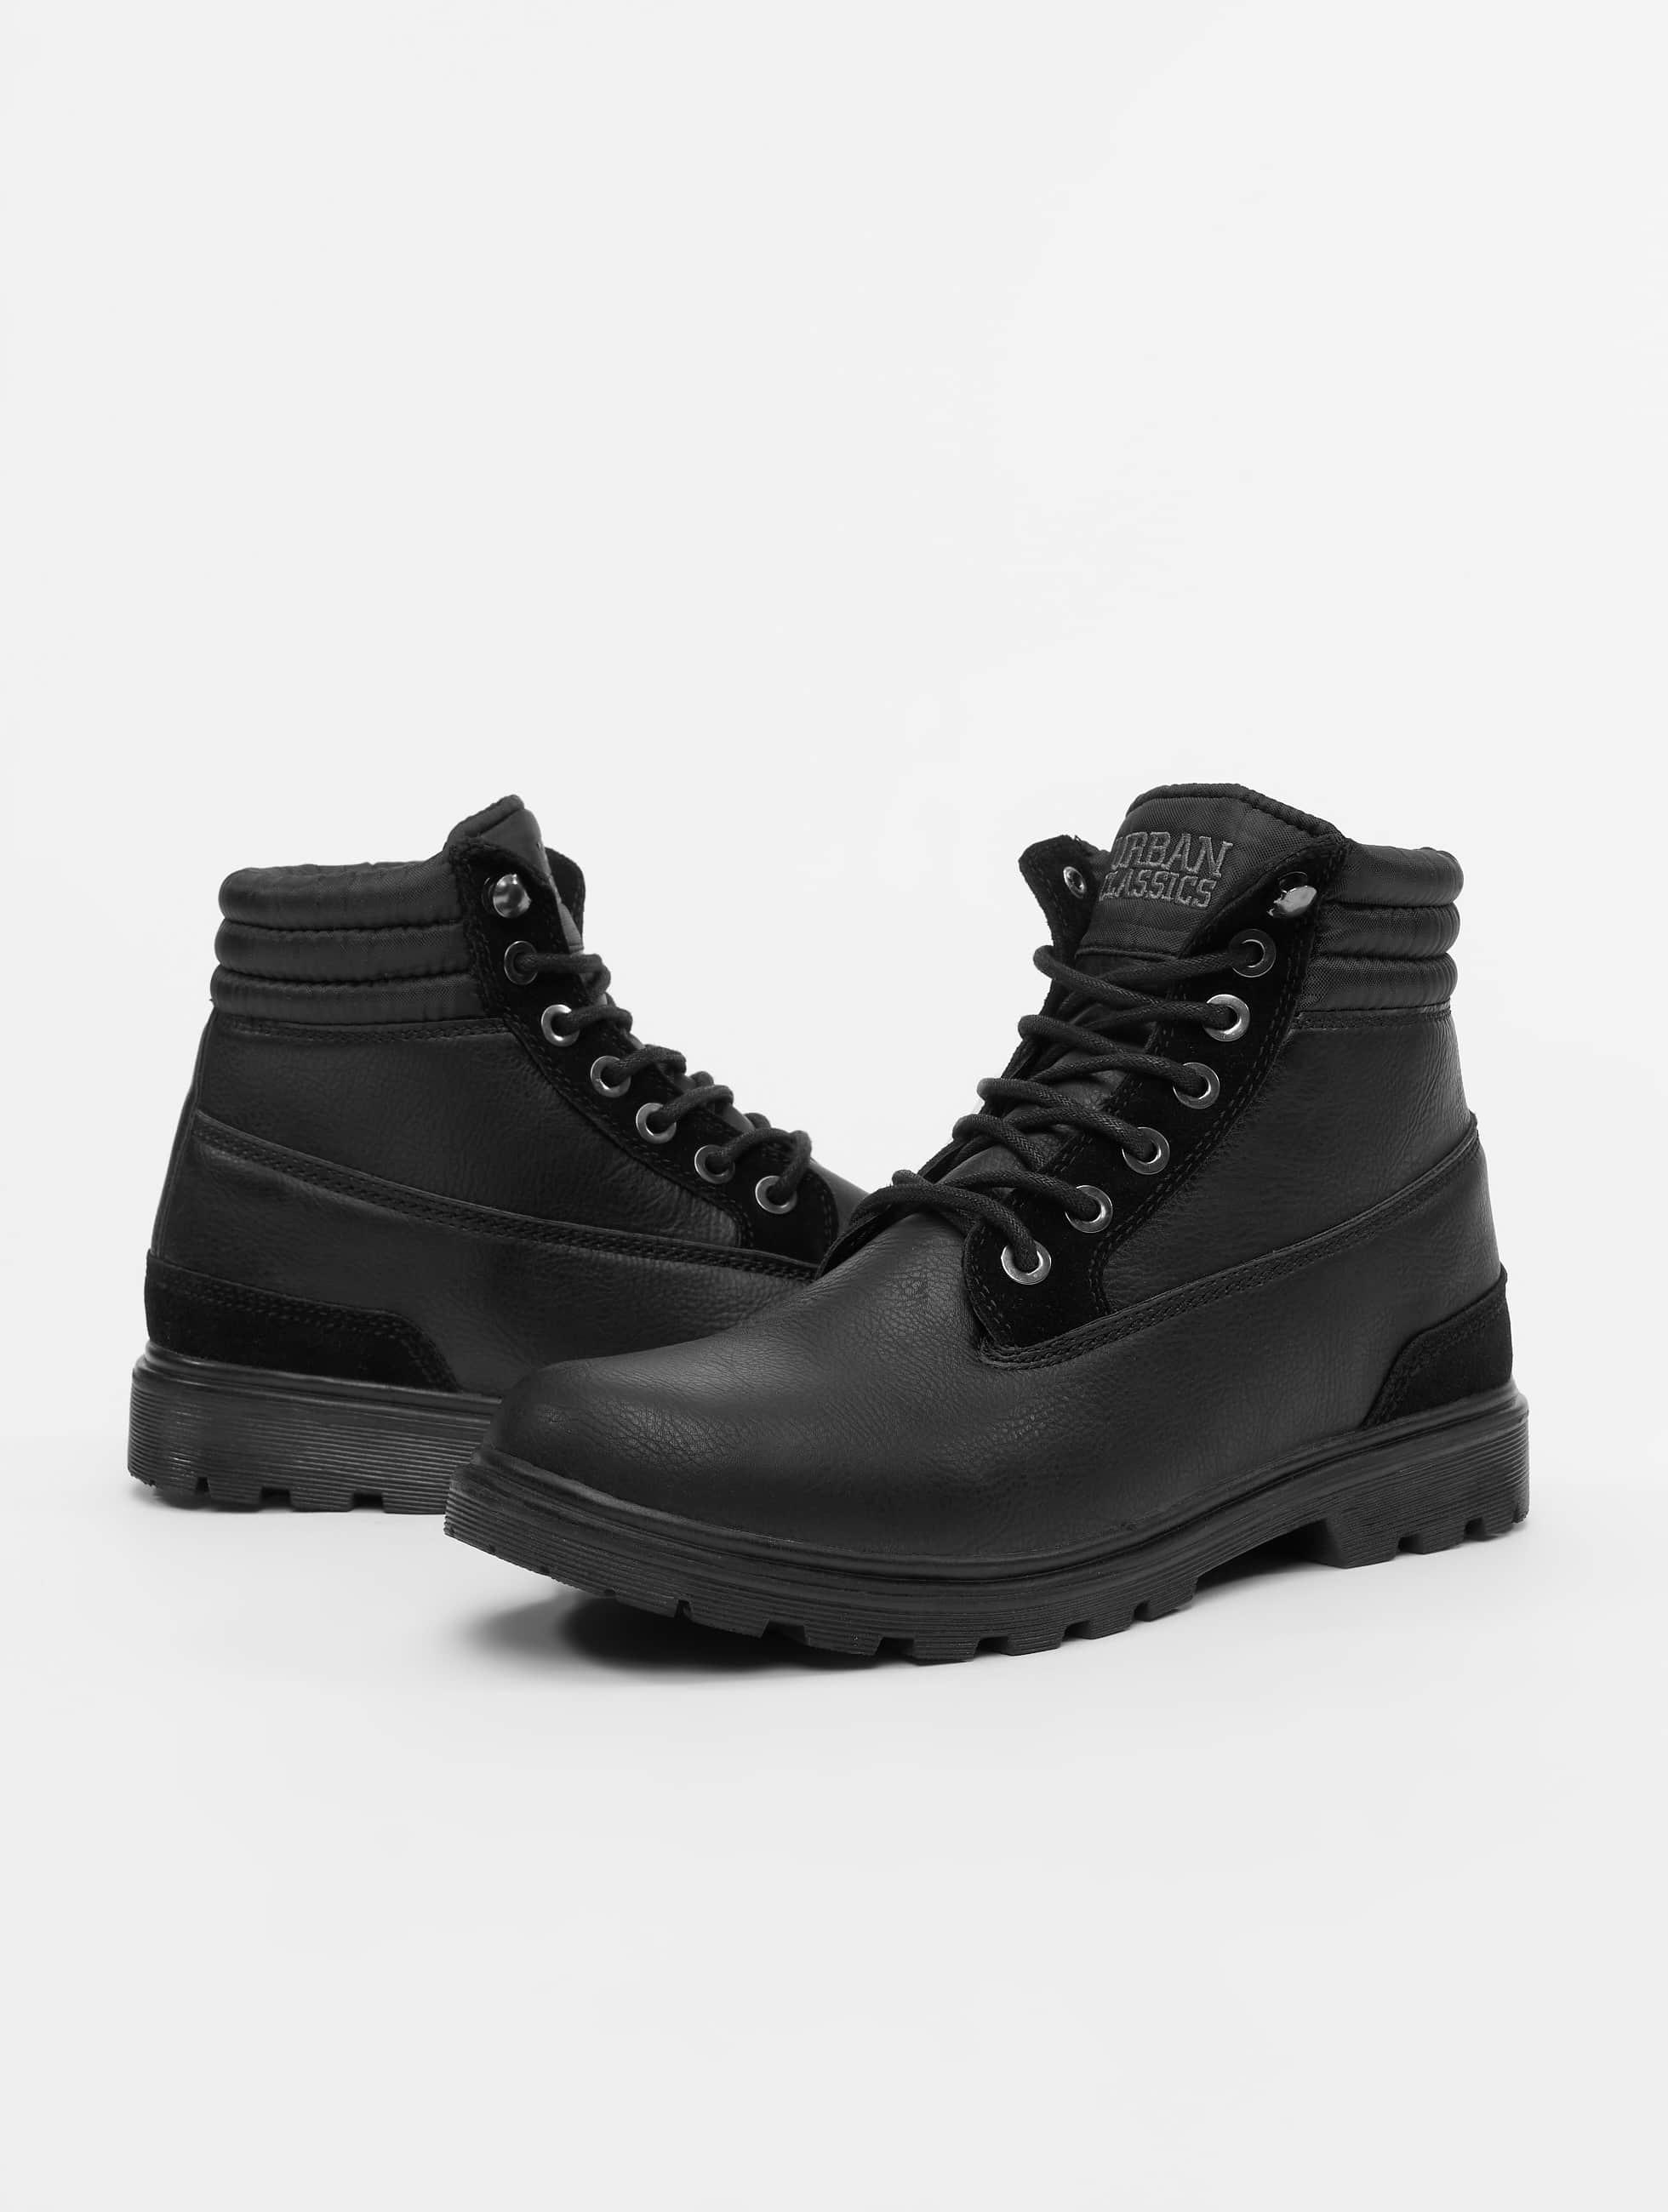 Urban Classics Boots Winter black